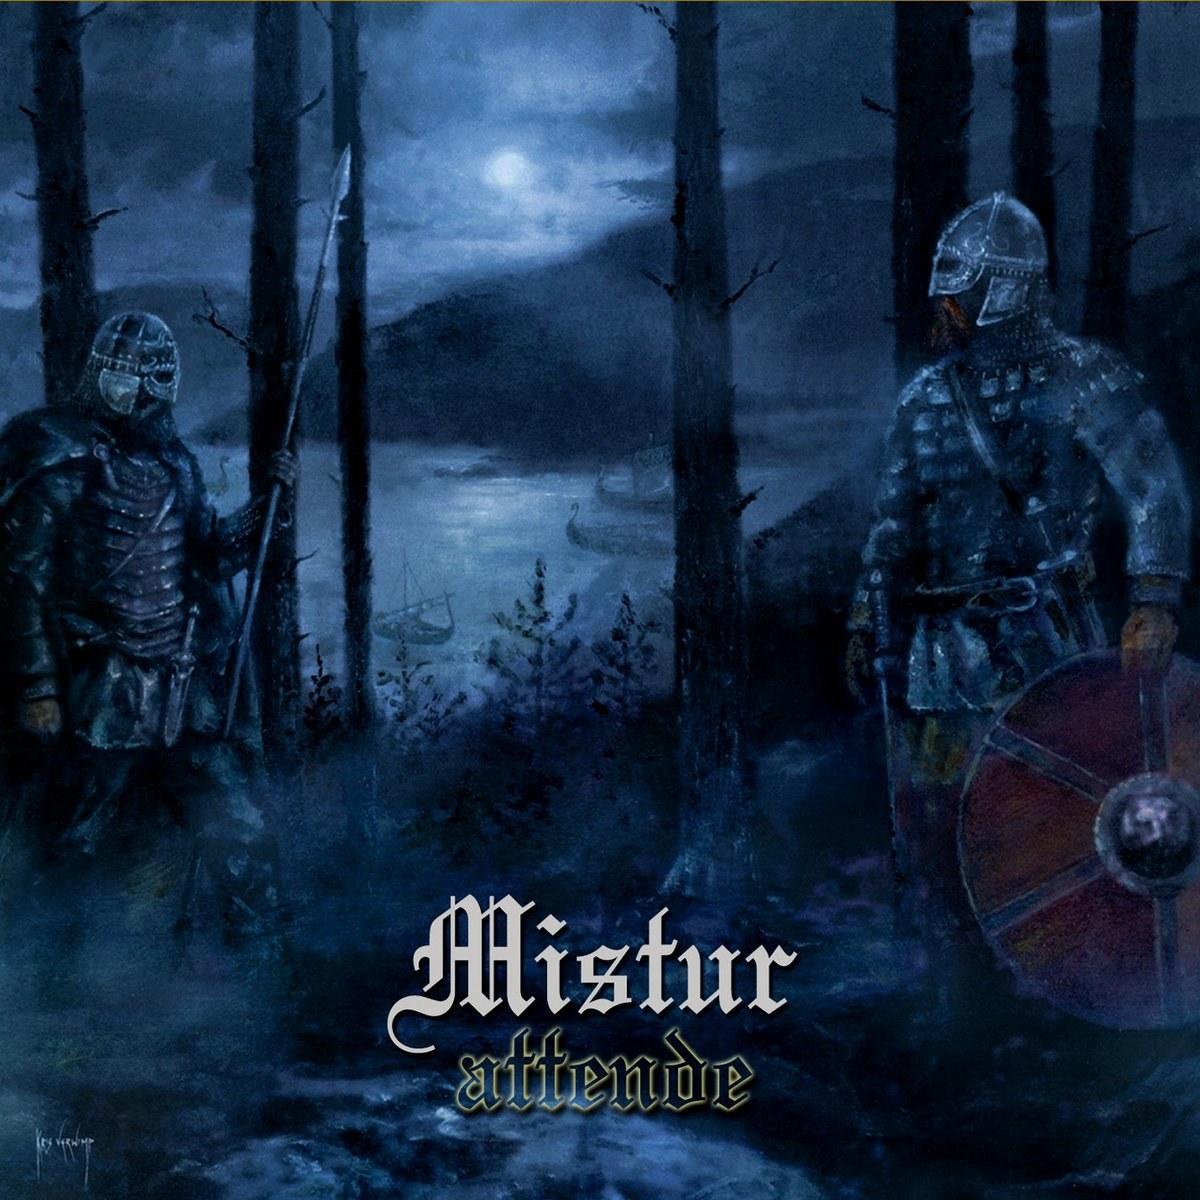 Mistur - Attende